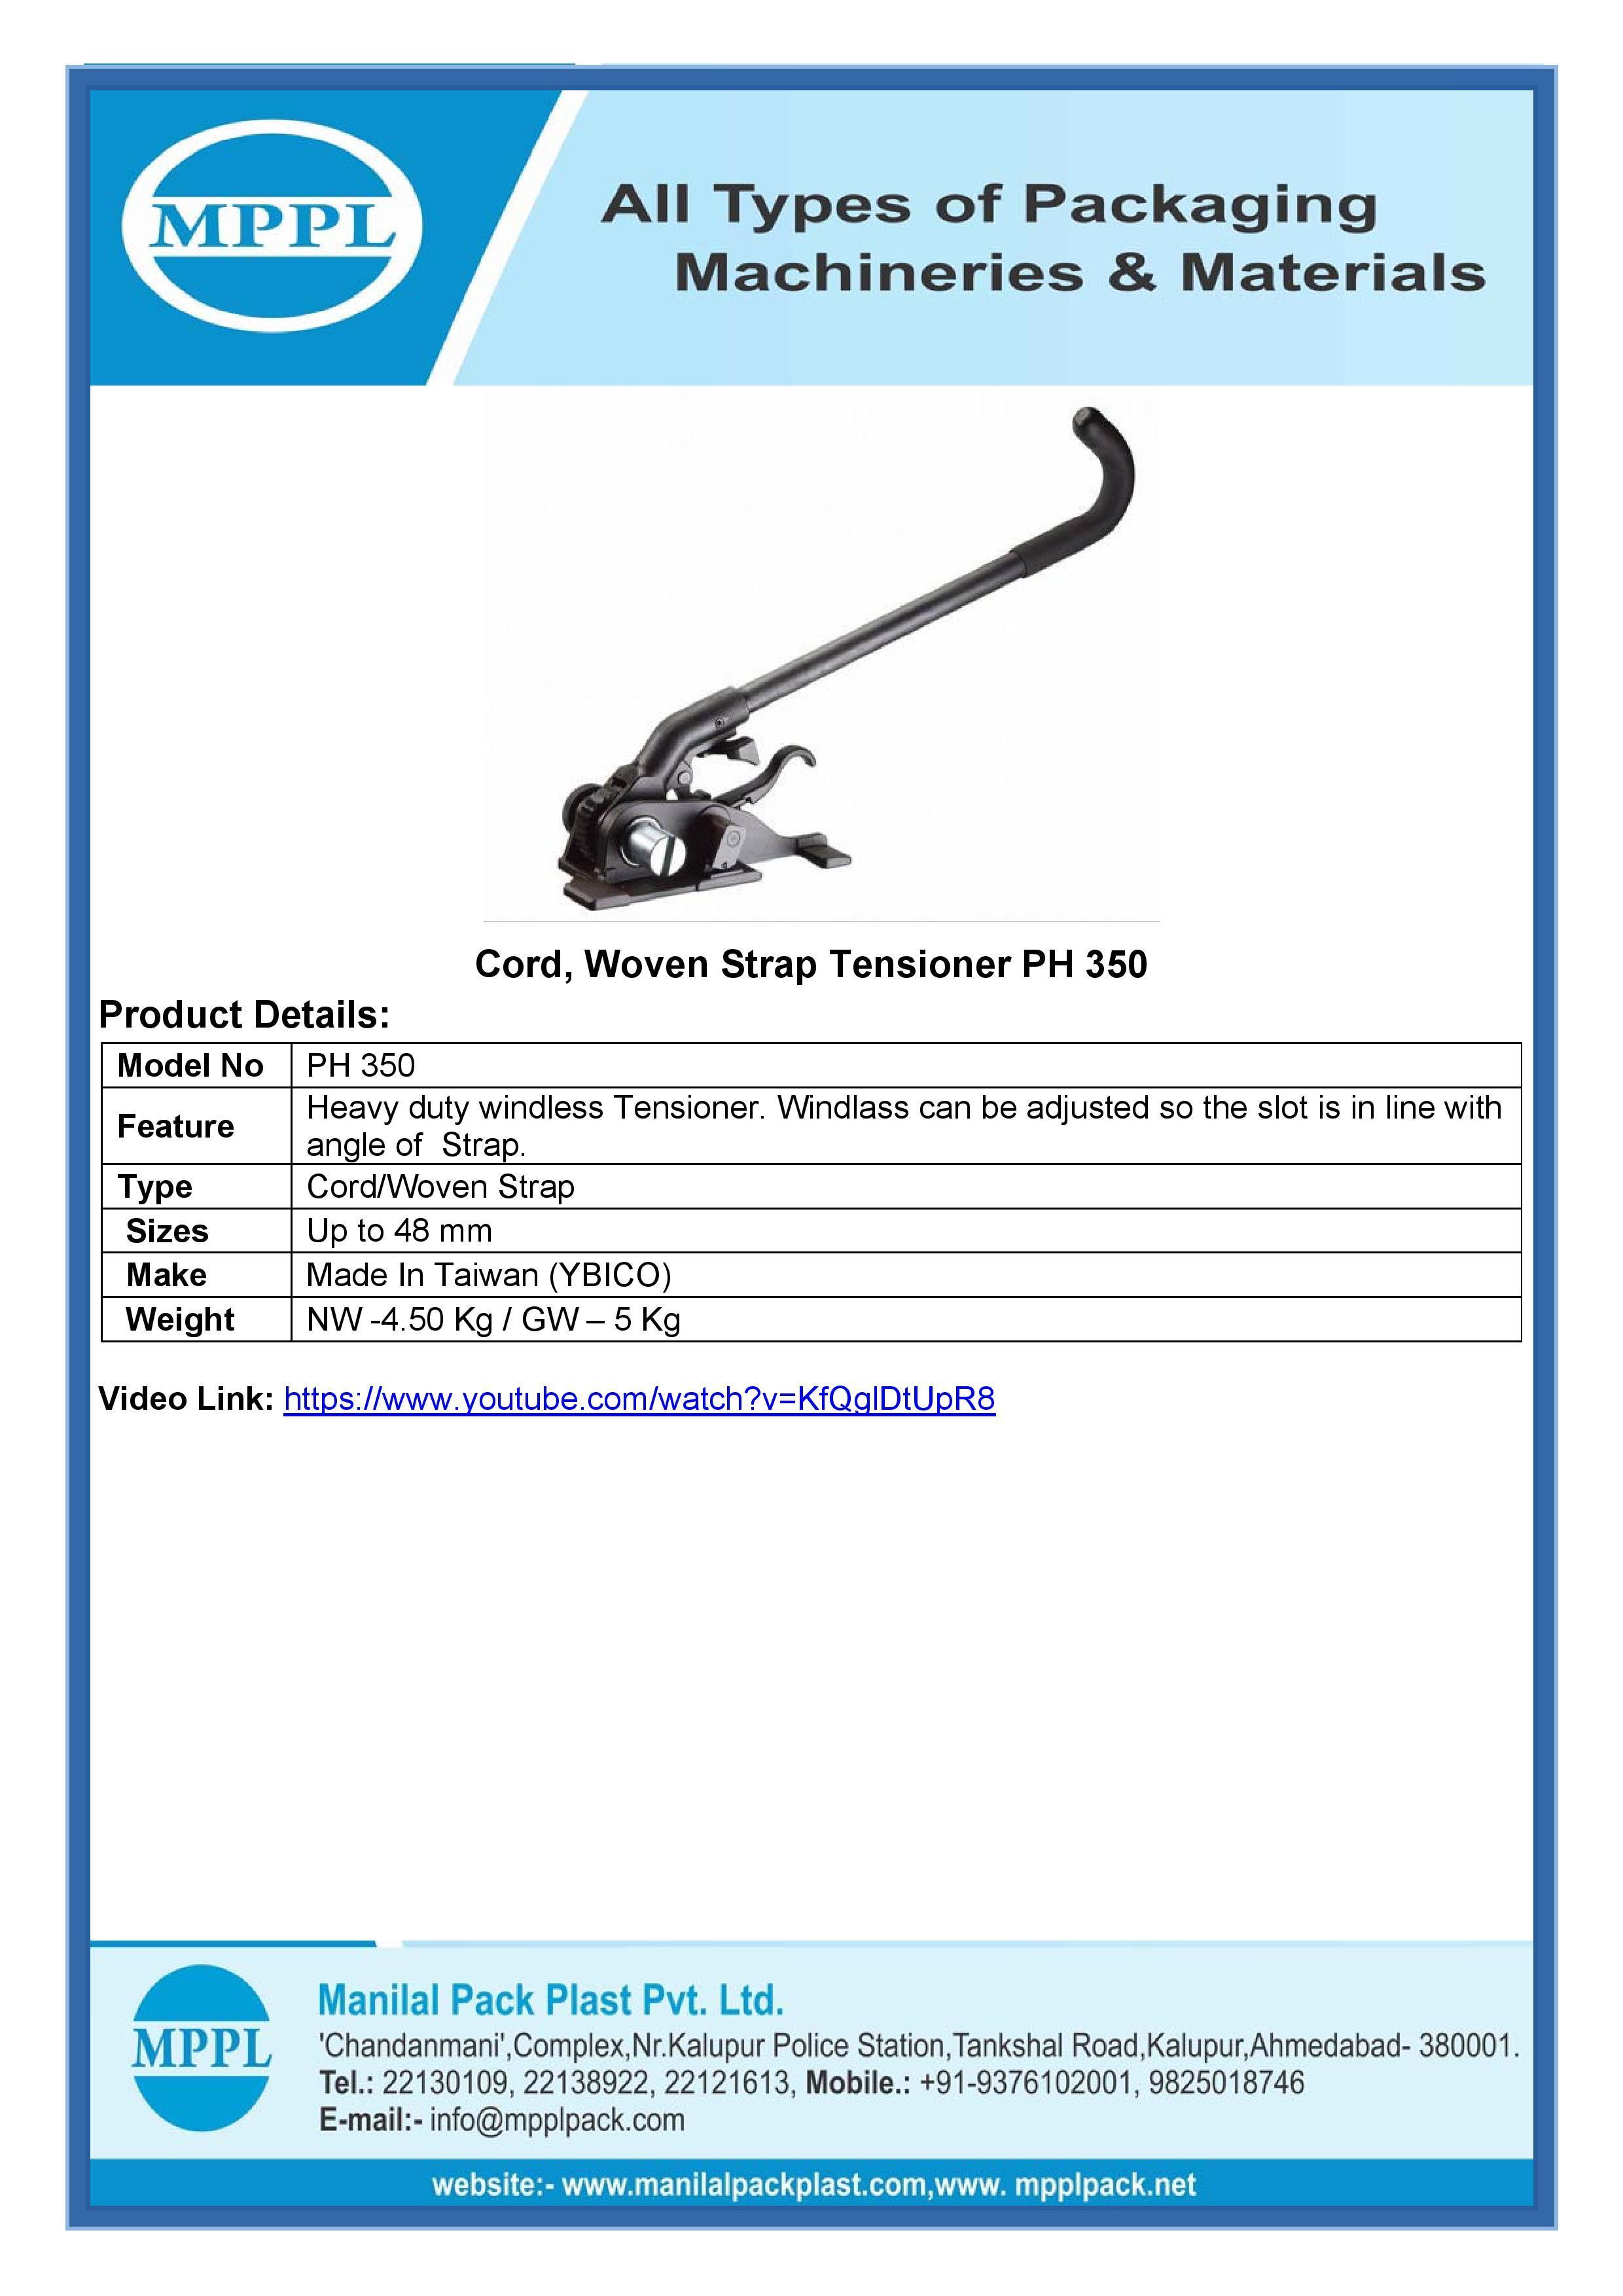 Cord Woven Strap Tensioner PH 350